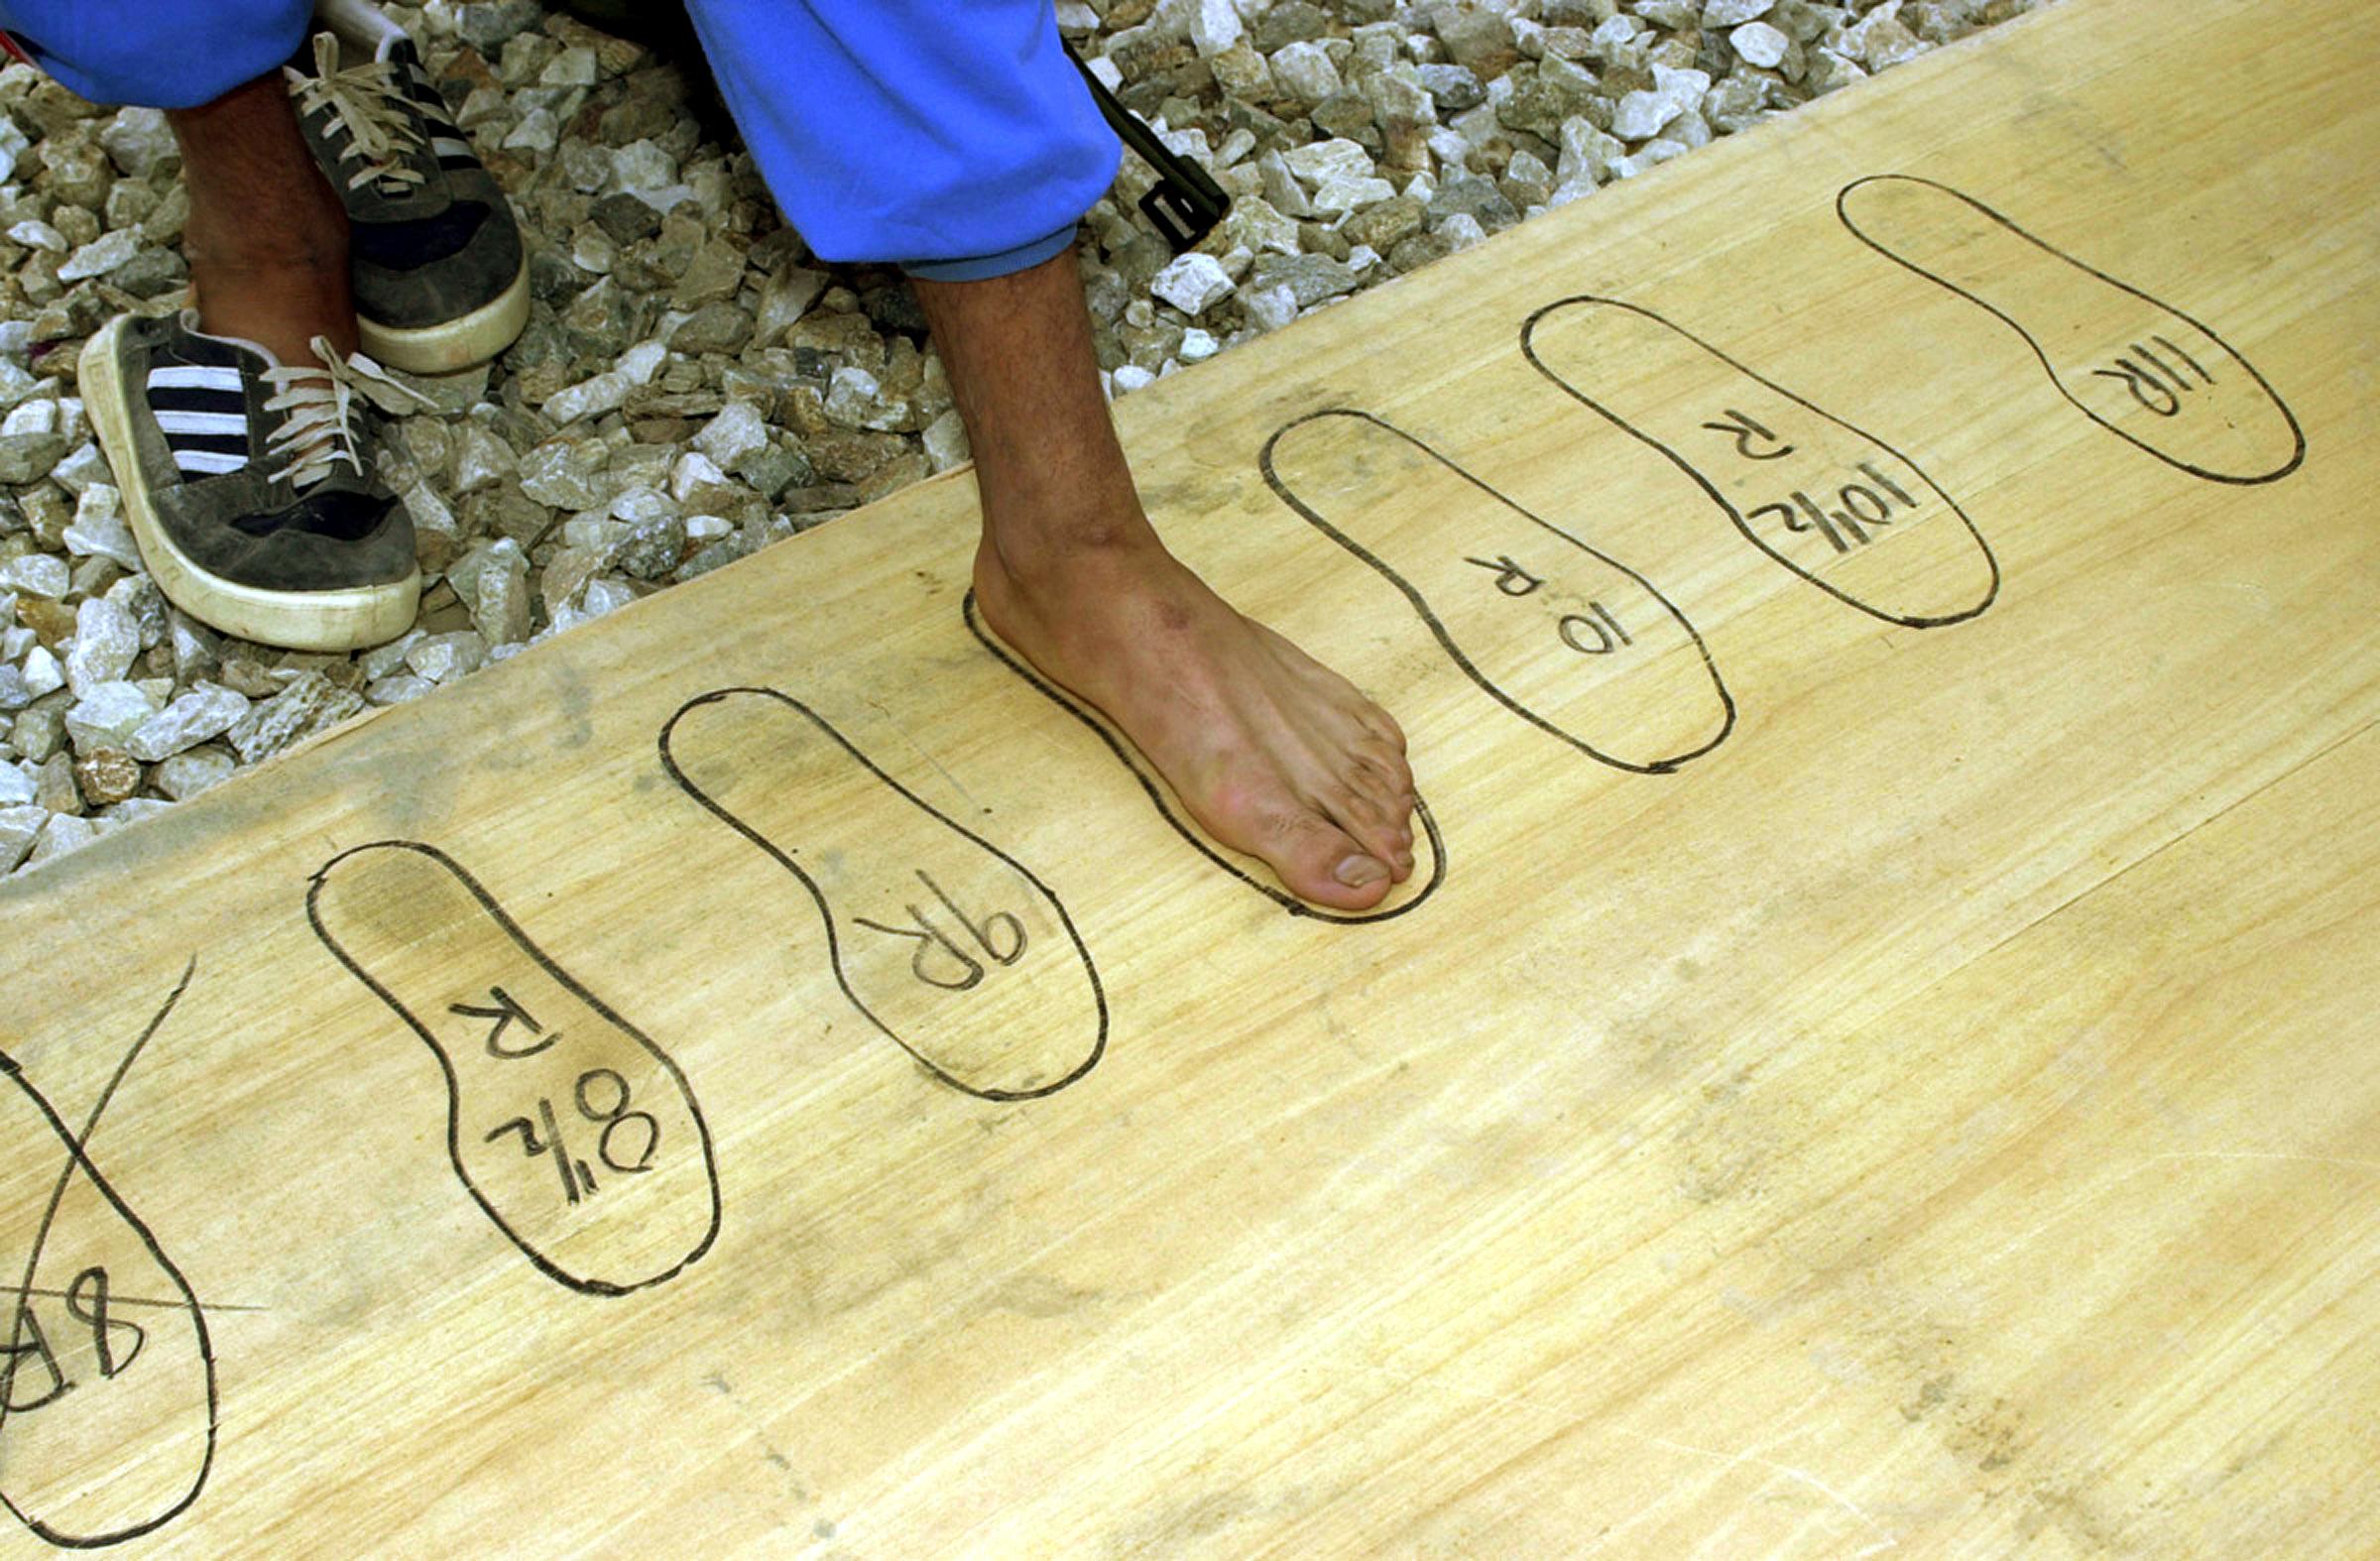 Weite bei Schuhen von E bis L | Schuhe24